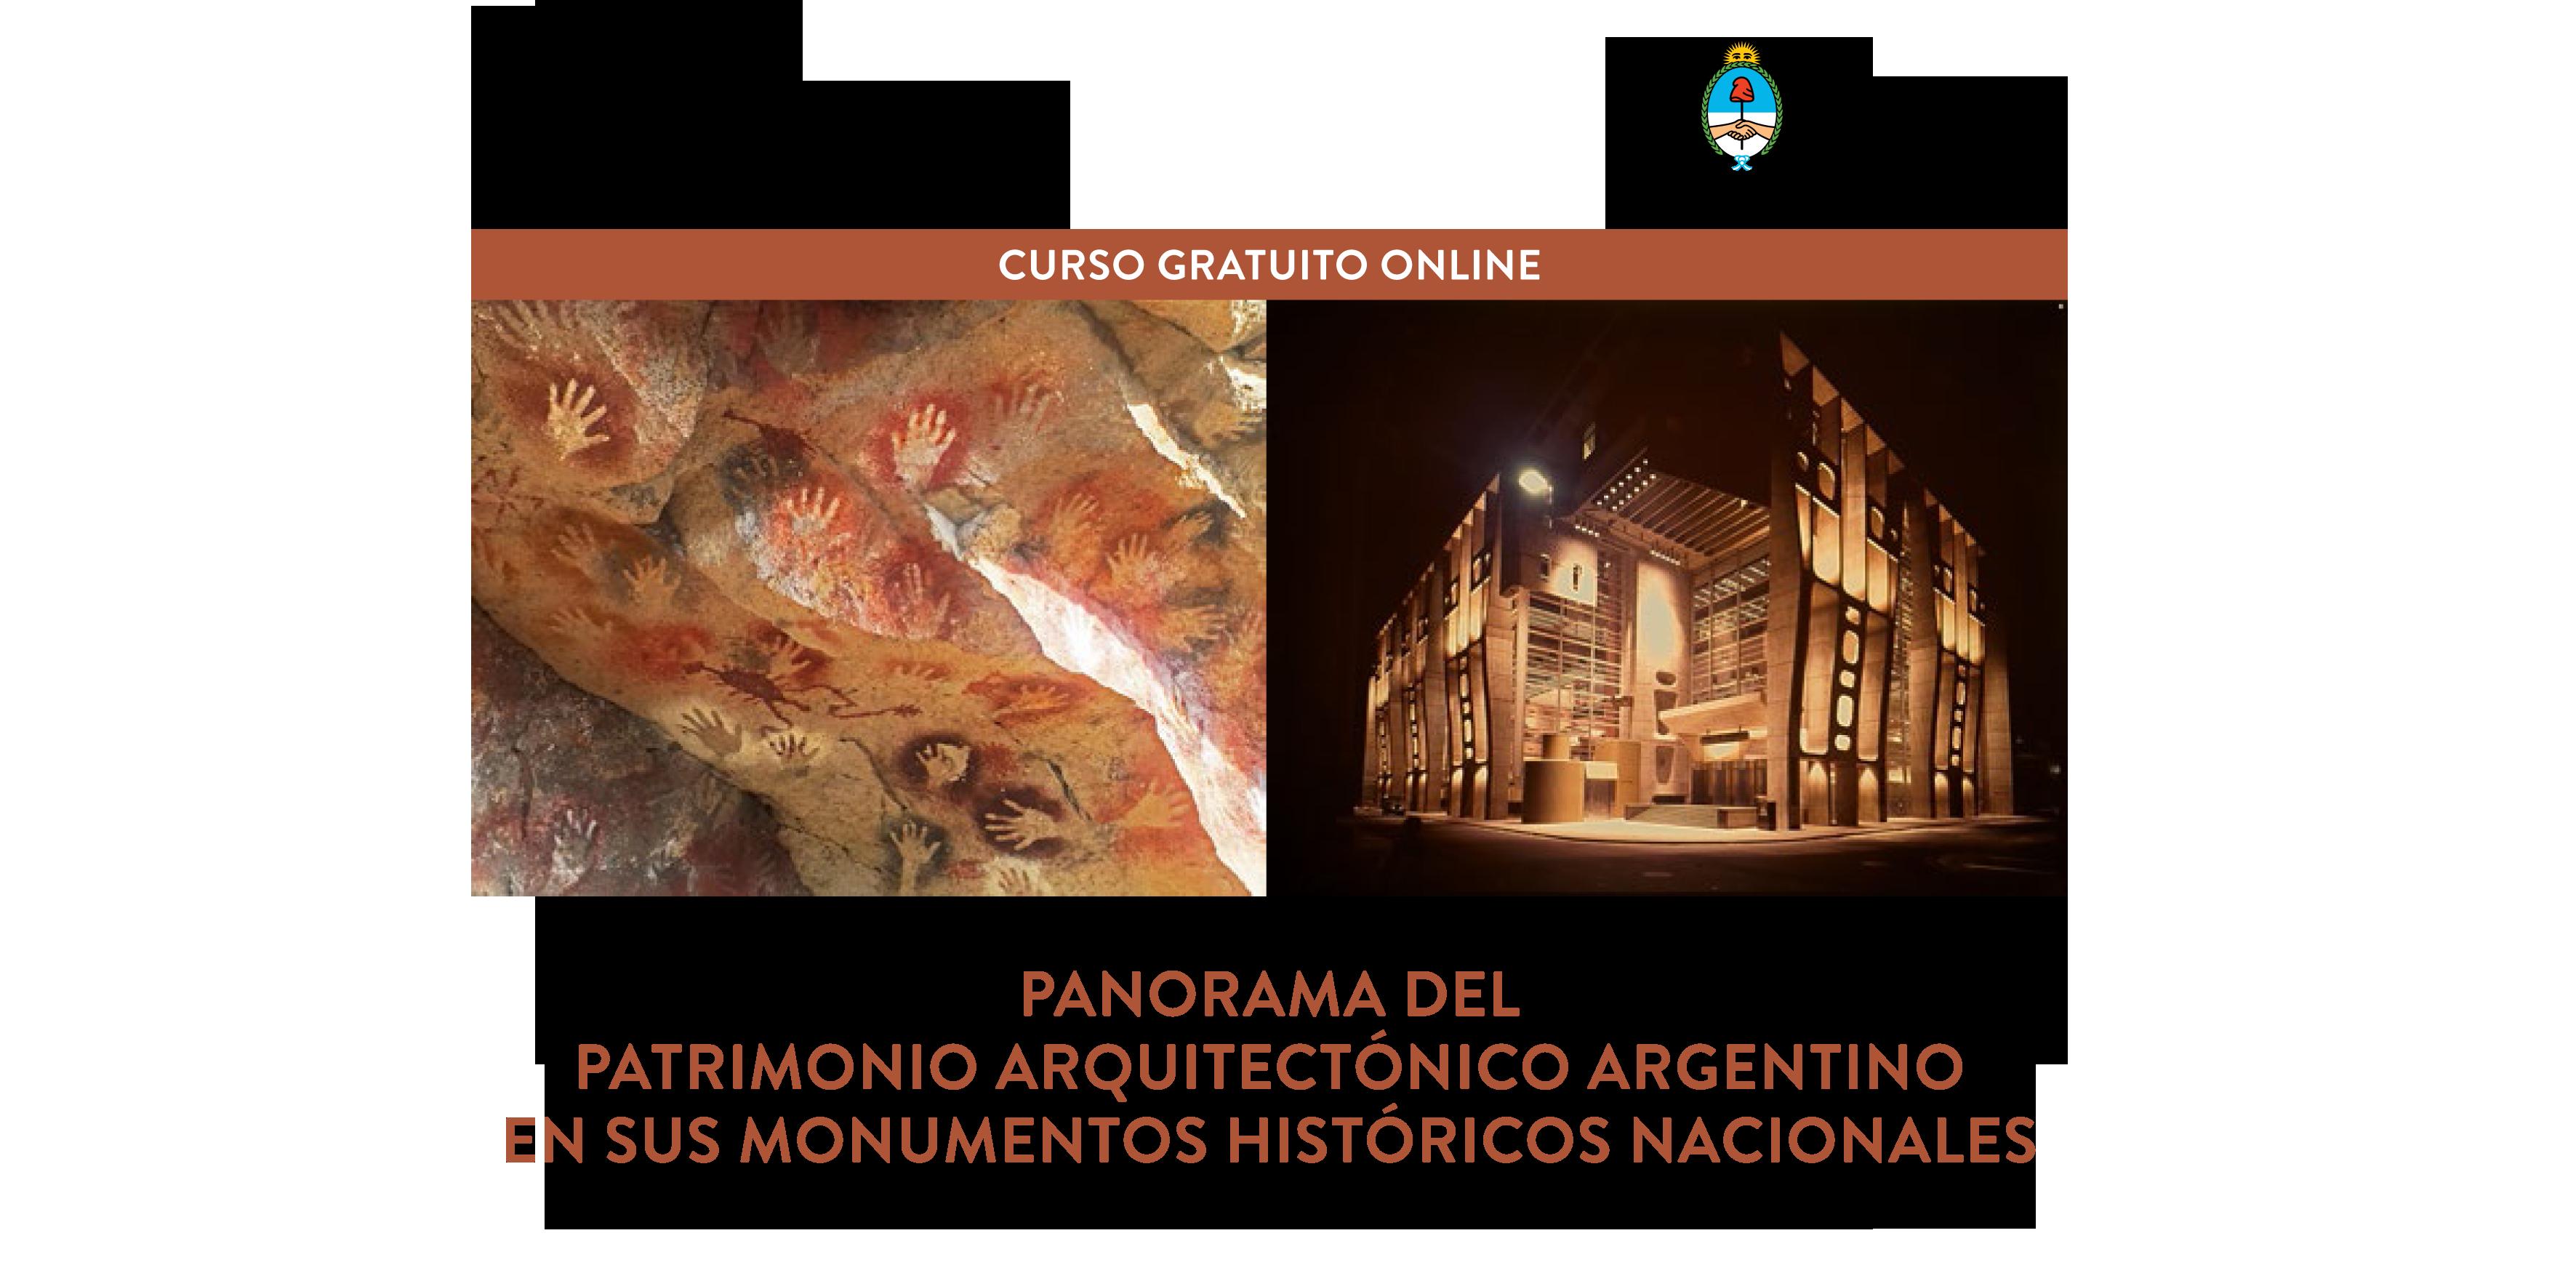 Curso Online Gratuito Para Conocer El Patrimonio Arquitectonico Nacional Ministerio De Las Culturas